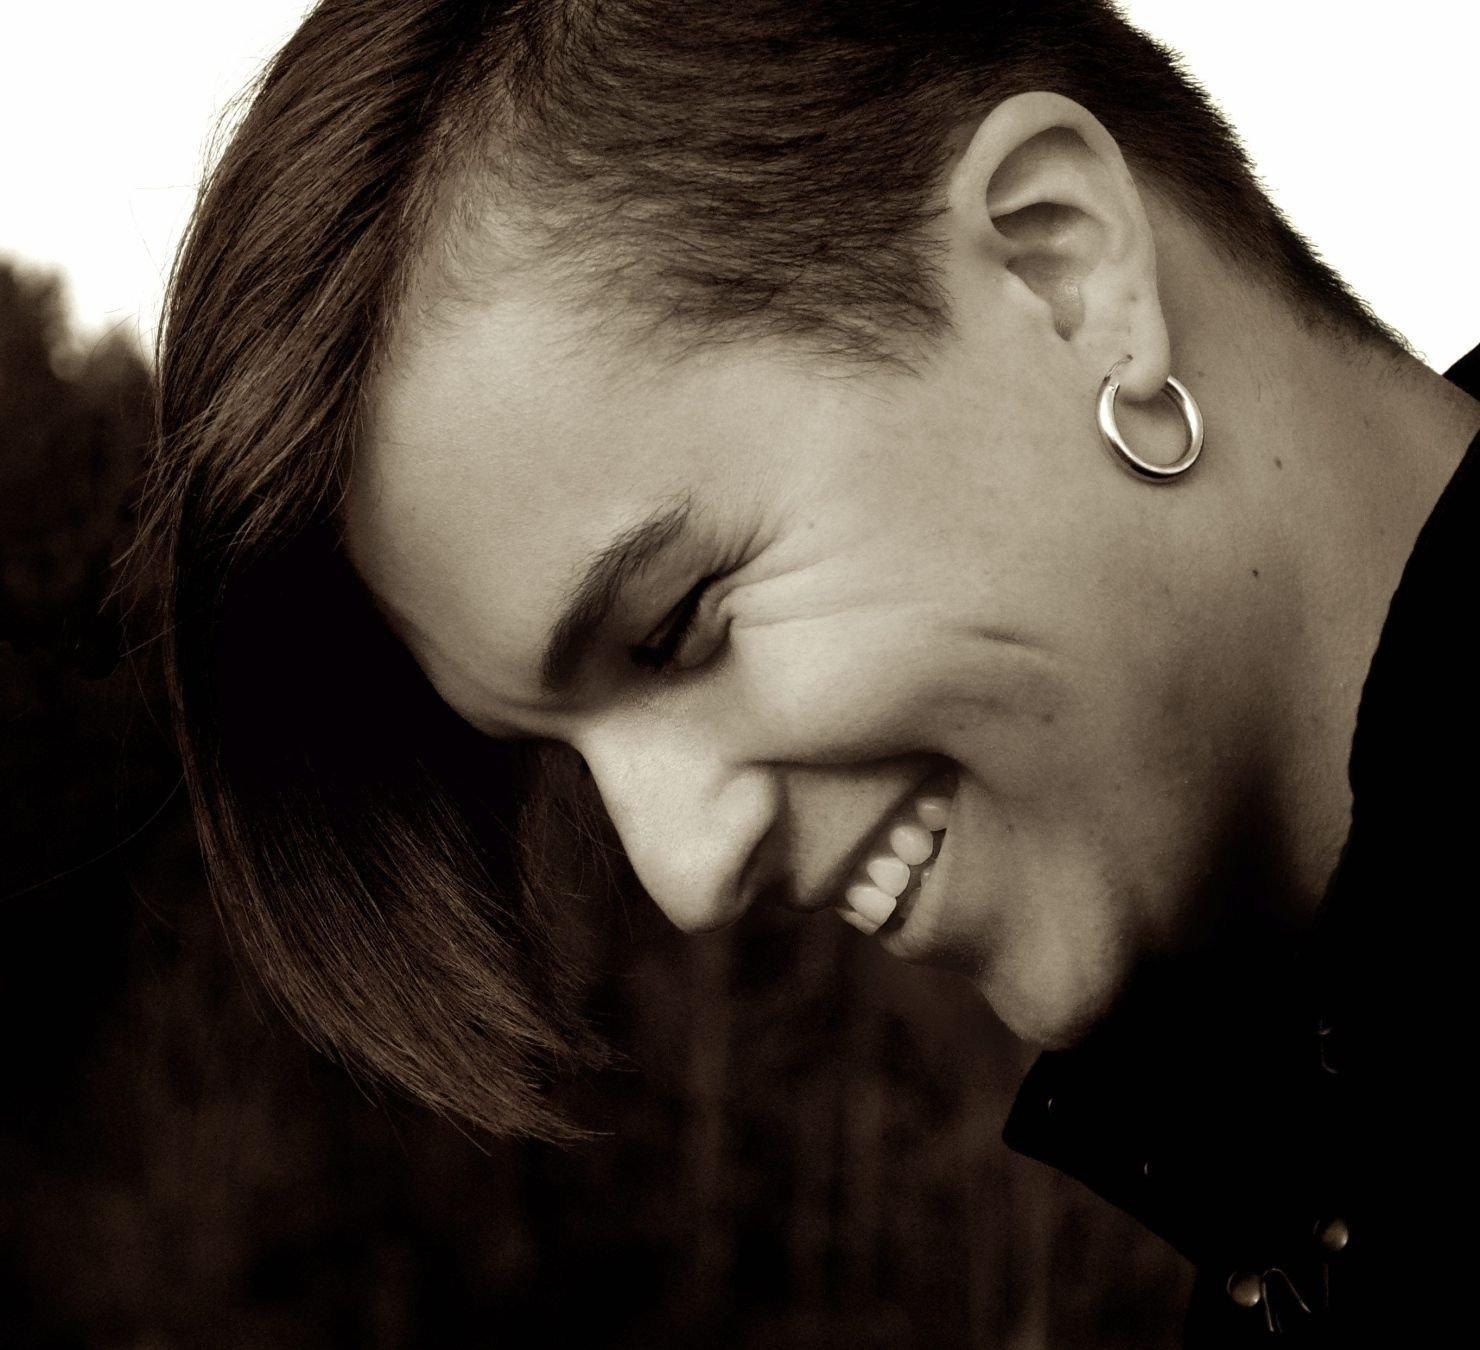 HAR X-FAKTOR: Atle Pettersen kom på andreplass i siste X-Faktor. Nylig slapp han singelen «Shine» på markedet.